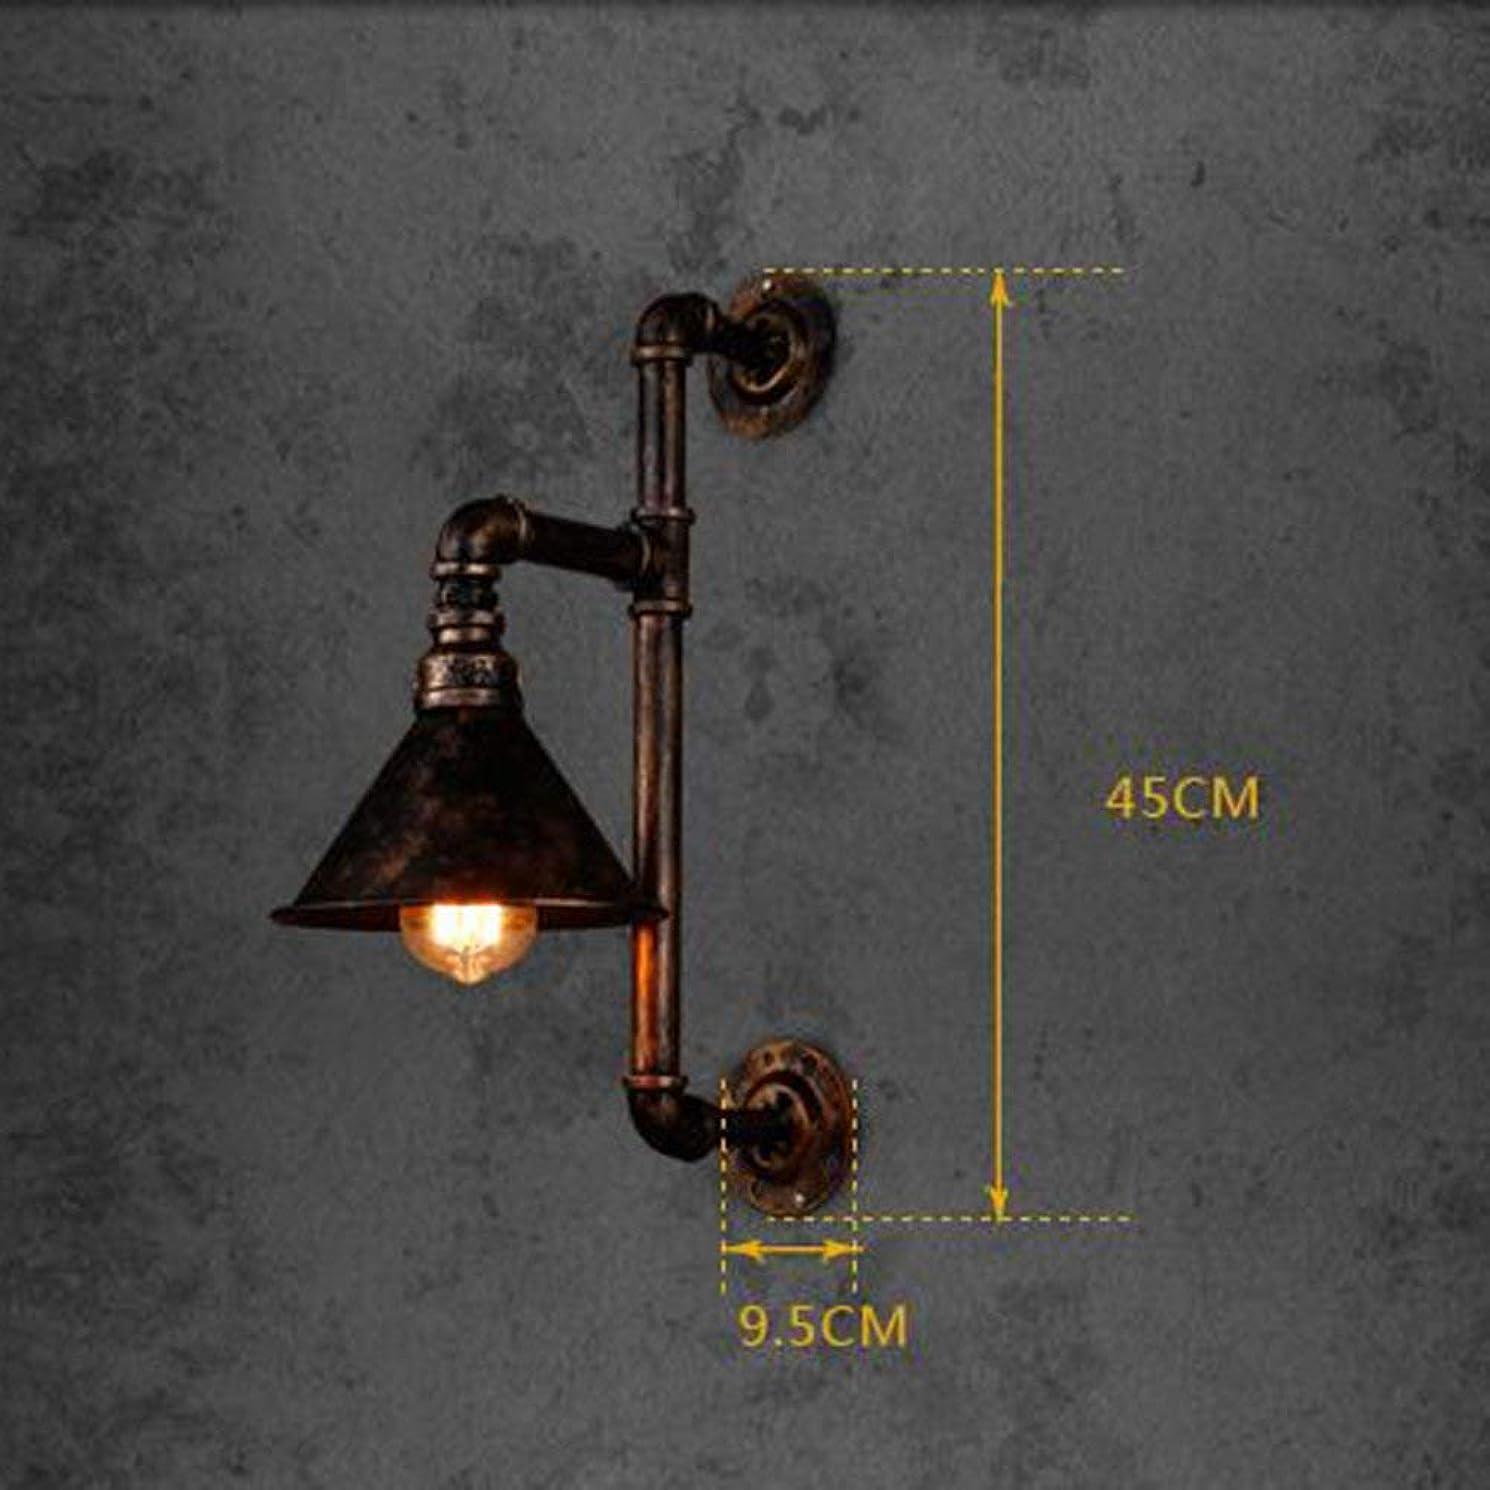 保守可能骨折ダブルウォールランプ水道管アイアンアート産業風クリエイティブレトロノスタルジアリビングルーム廊下通路レストランキッチンバー照明